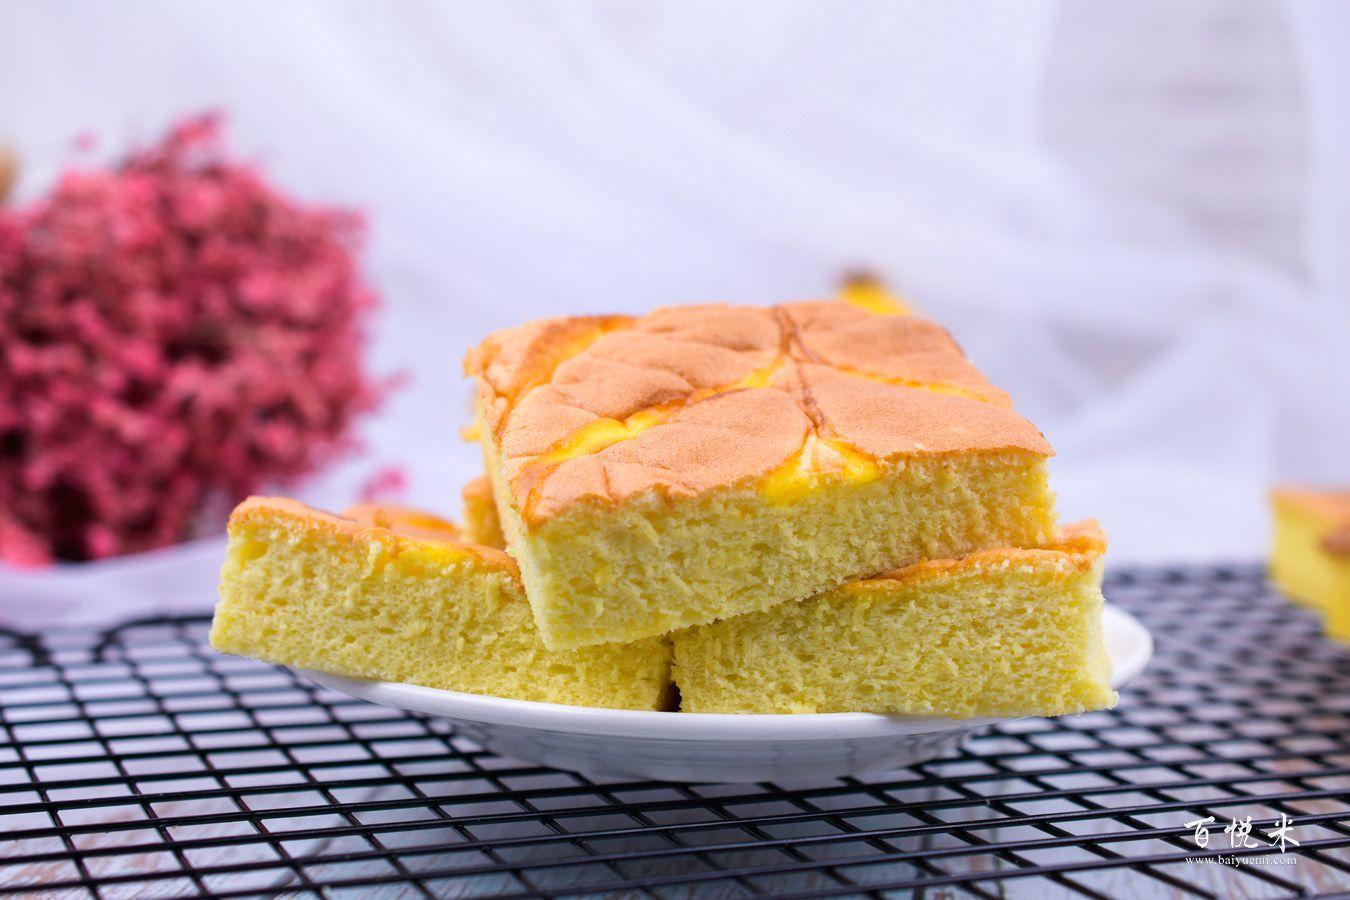 酸奶戚风蛋糕的做法大全,酸奶戚风蛋糕培训怎么做